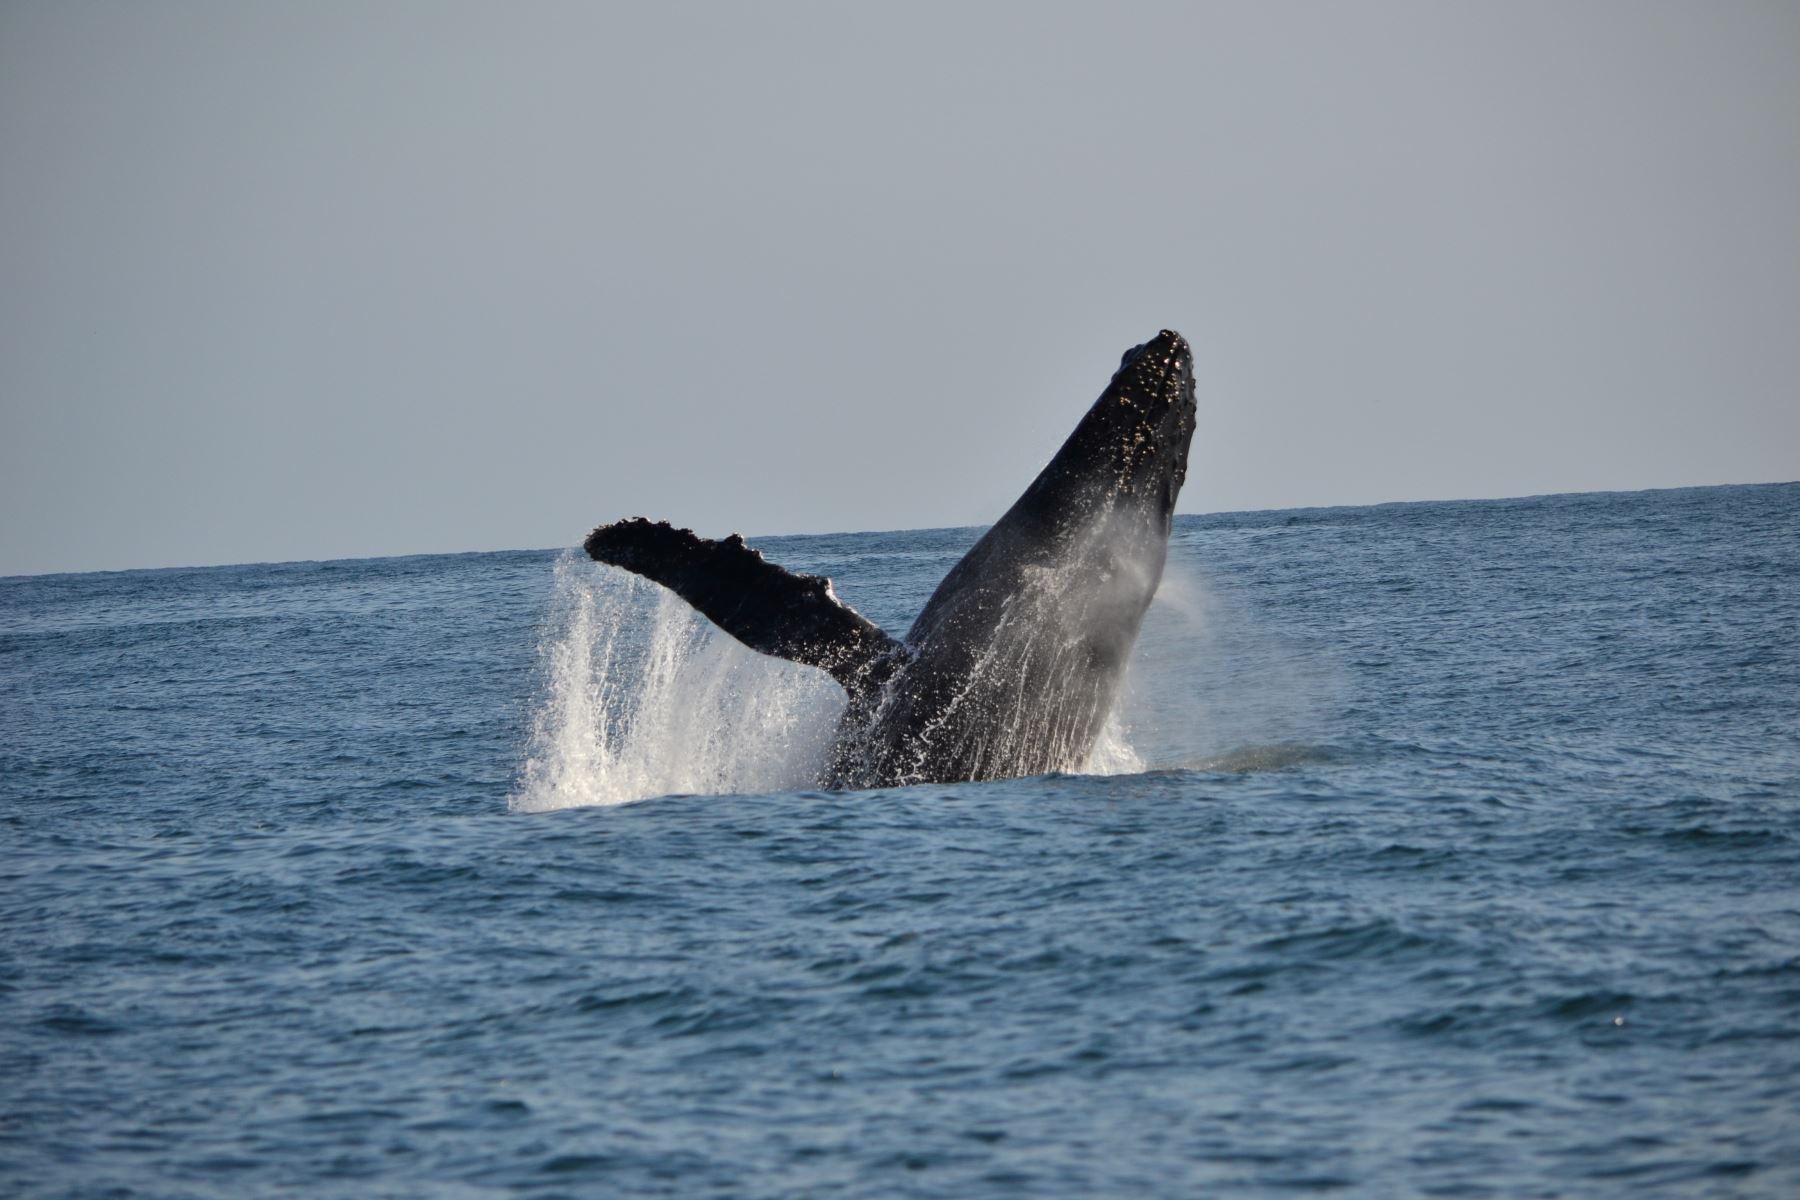 Tumbes busca posicionarse como el lugar ideal para el avistamiento de ballenas. Foto: Cortesía